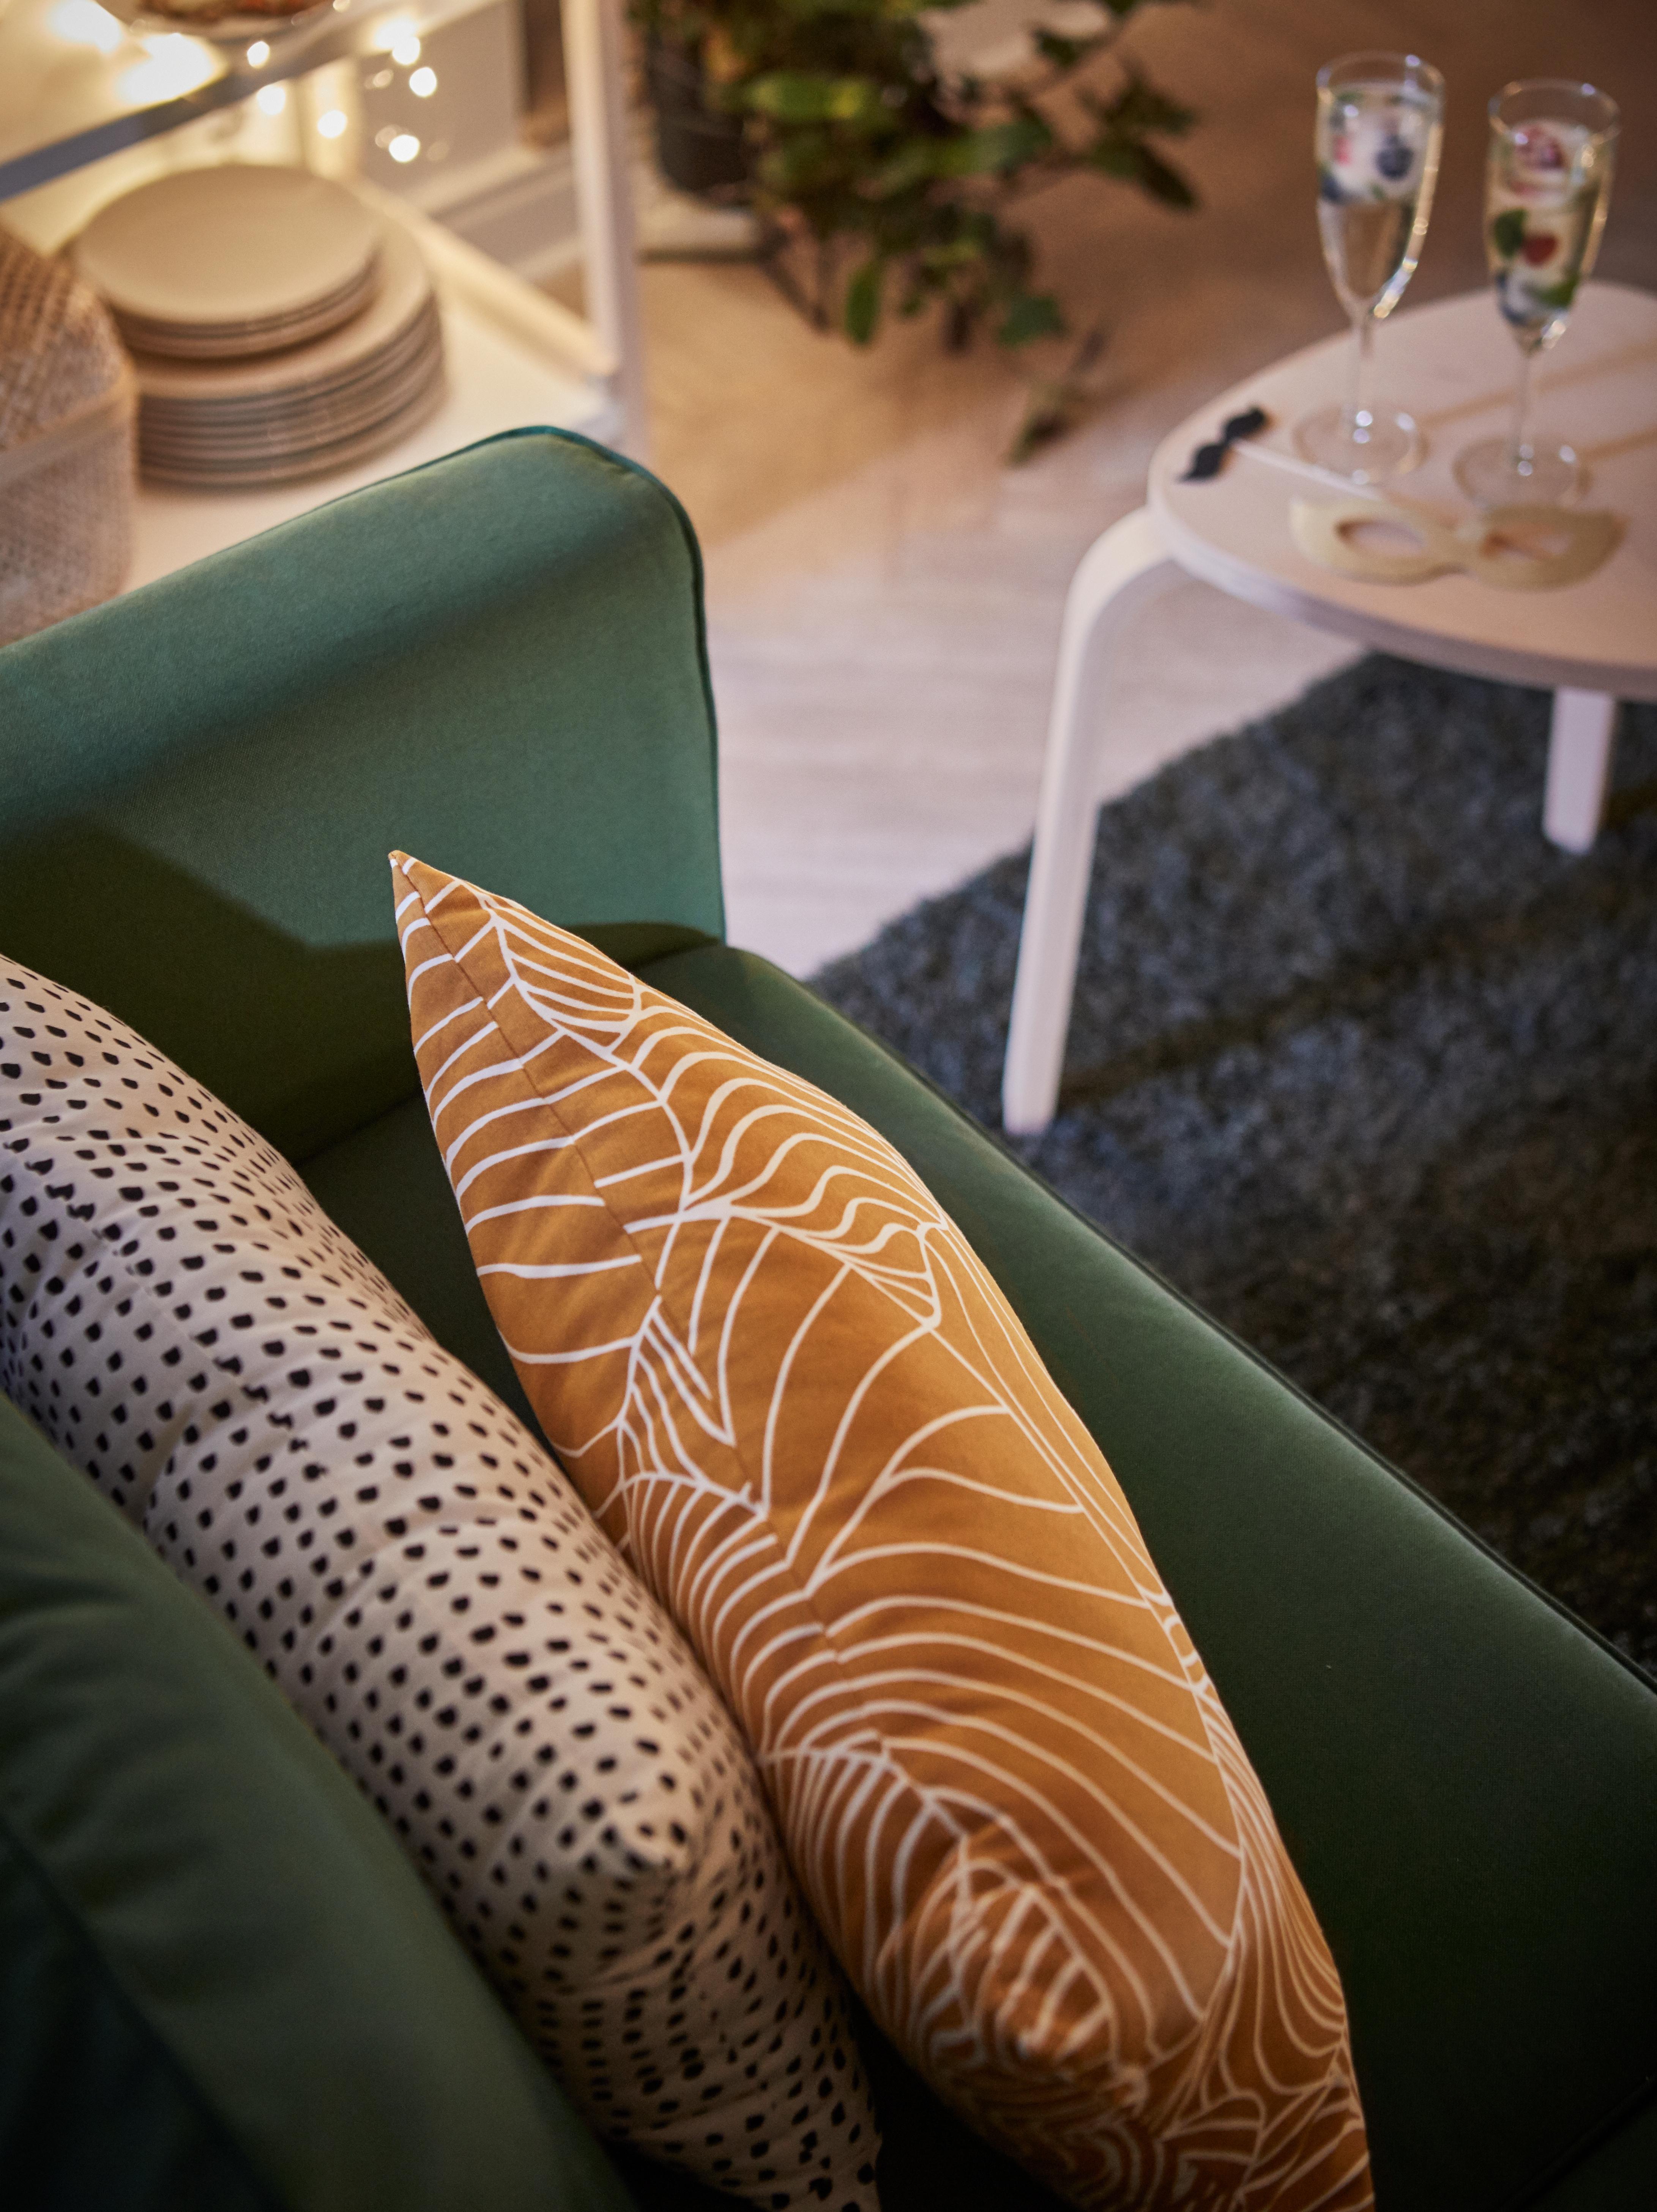 Almofada SVAMPMAL em amarelo escuro num sofá em verde com uma almofada FJÄLLTIMOTEJ em preto e branco.